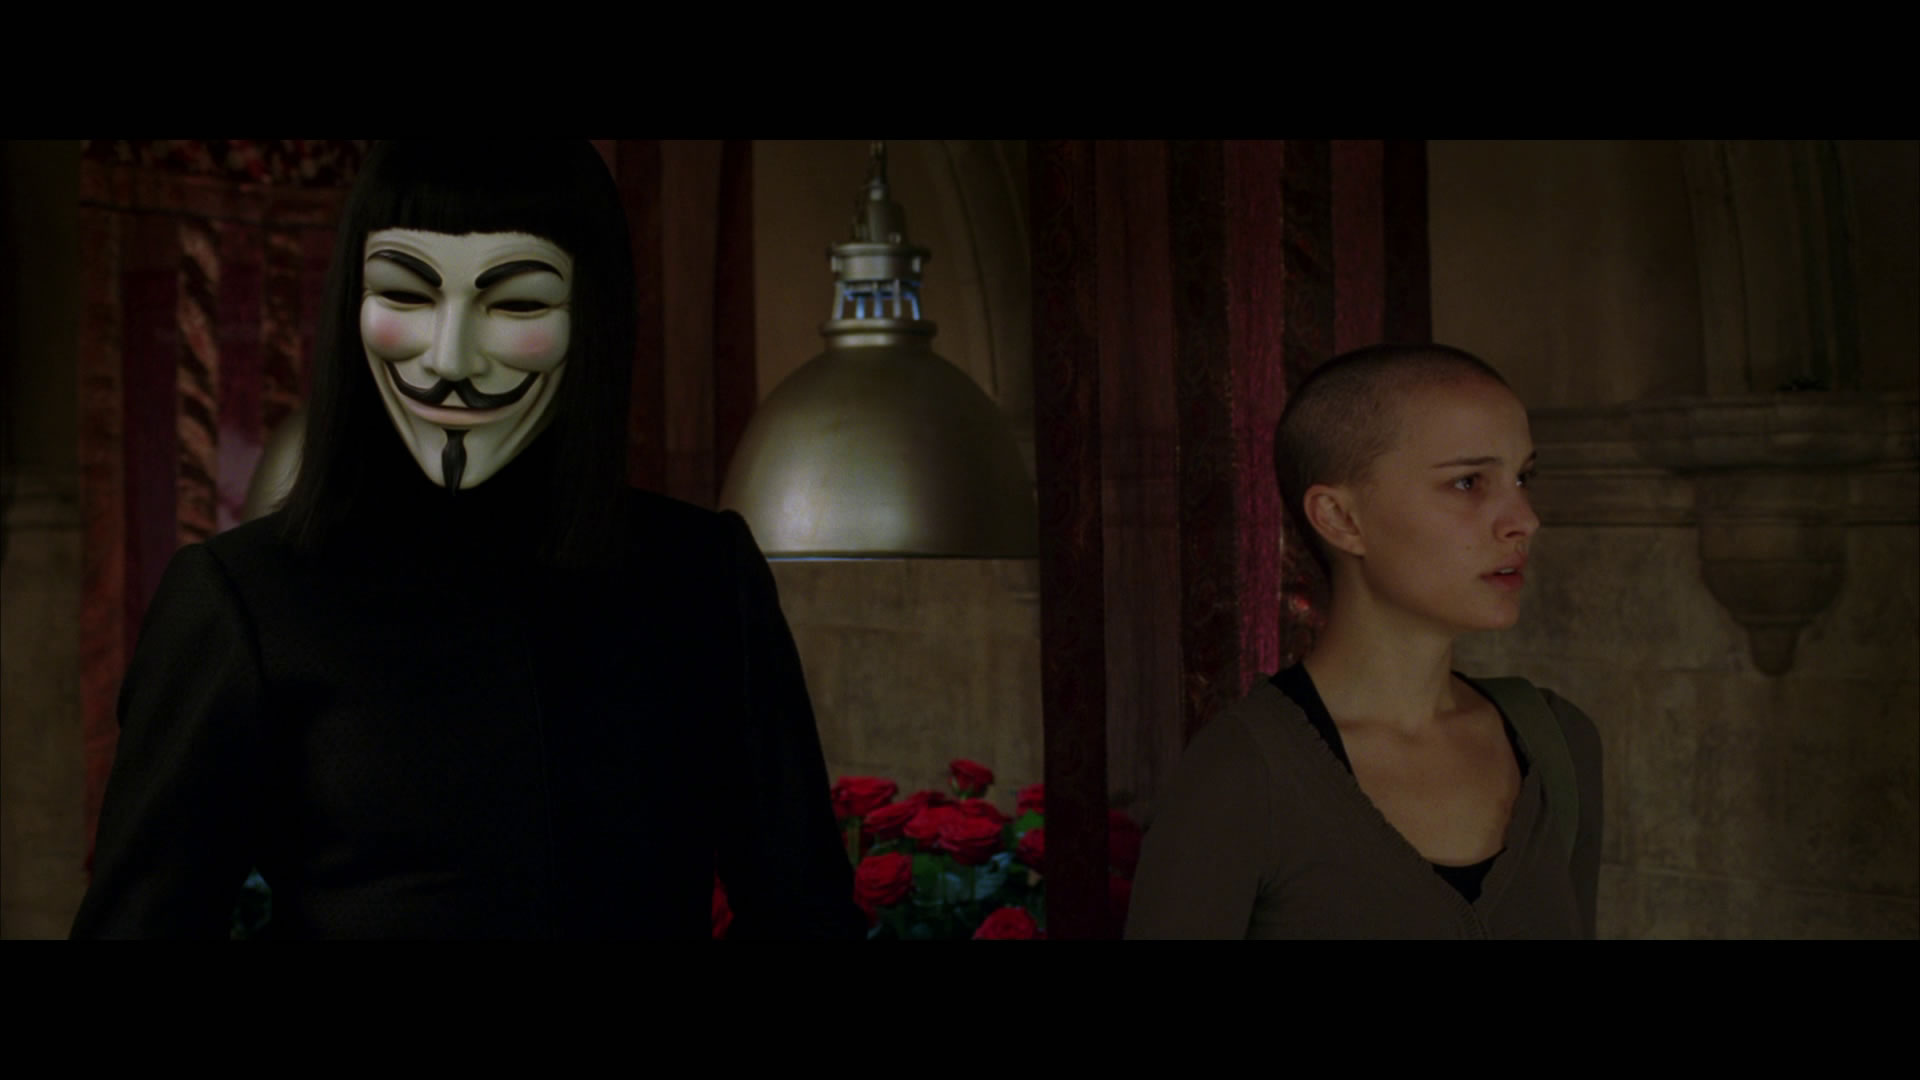 Download Spartacus movie mp4 files - TraDownload